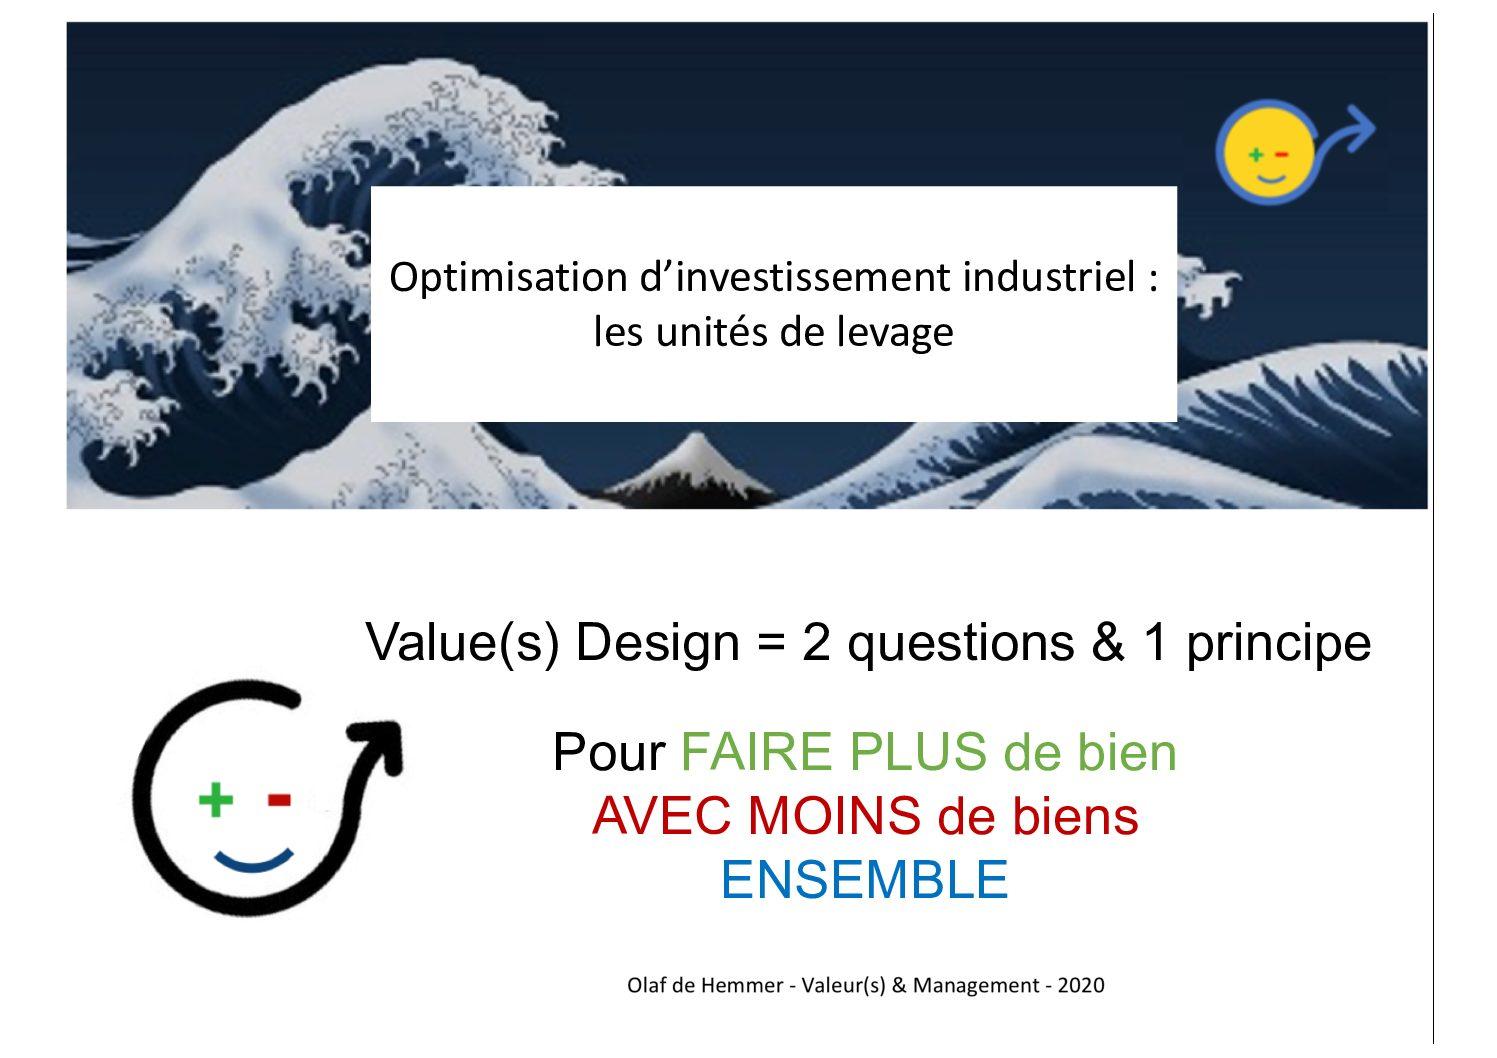 les belles histoires du Value(s) Design : remplacement des unités de levage d'un site industriel